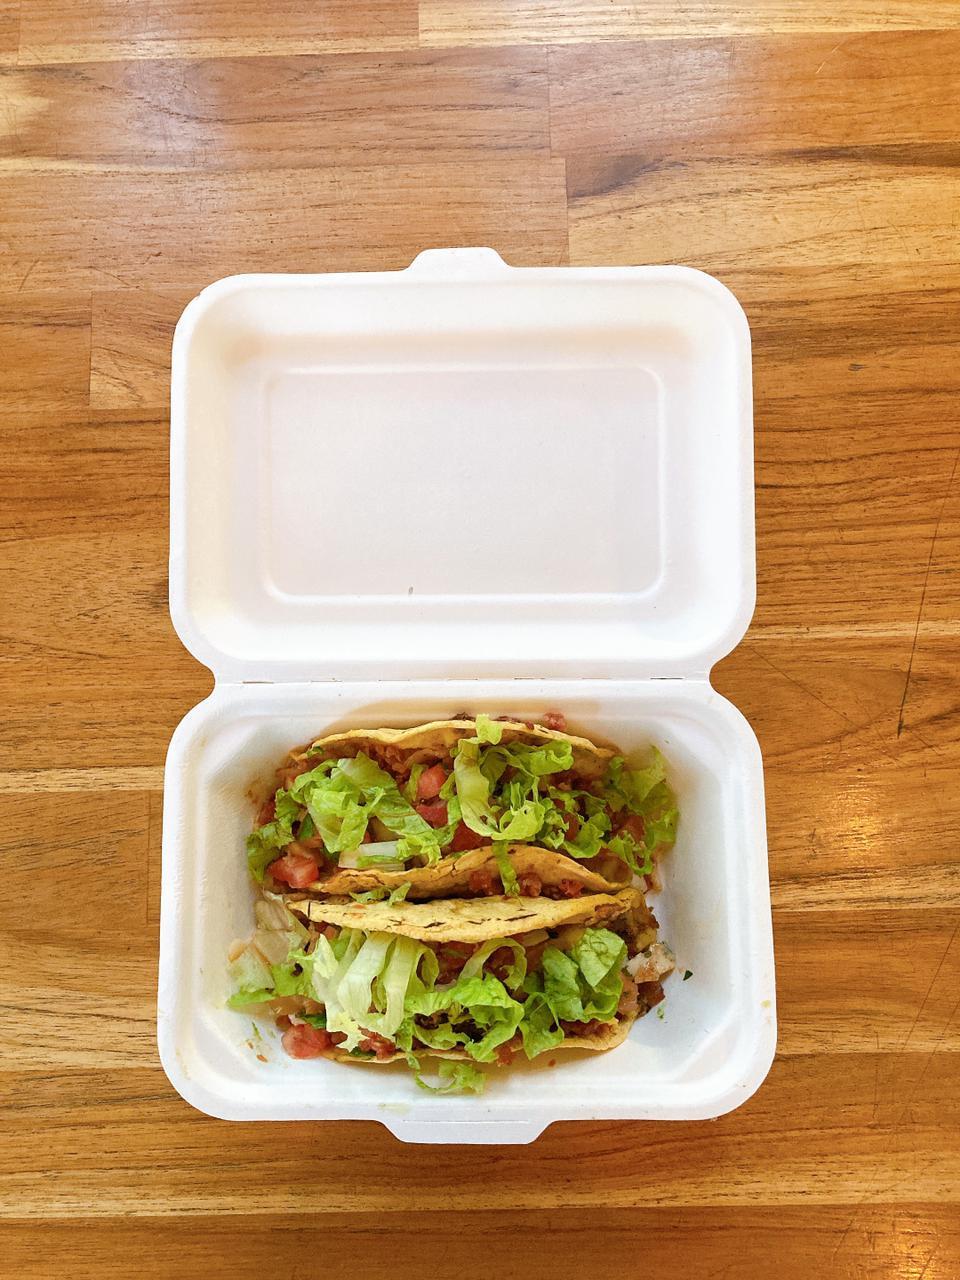 Embalagem biodegradável - The Taco Shop - Portal É conosco